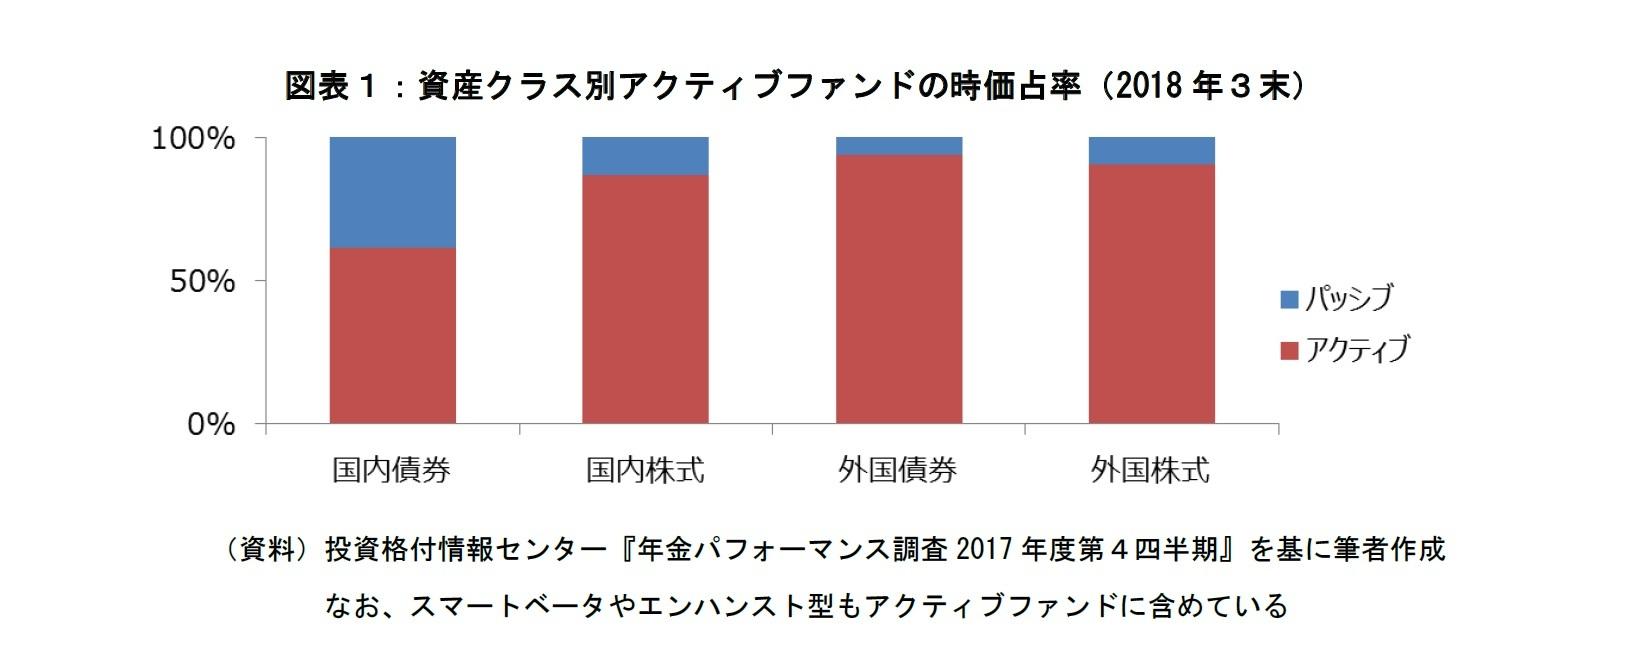 図表1:資産クラス別アクティブファンドの時価占率